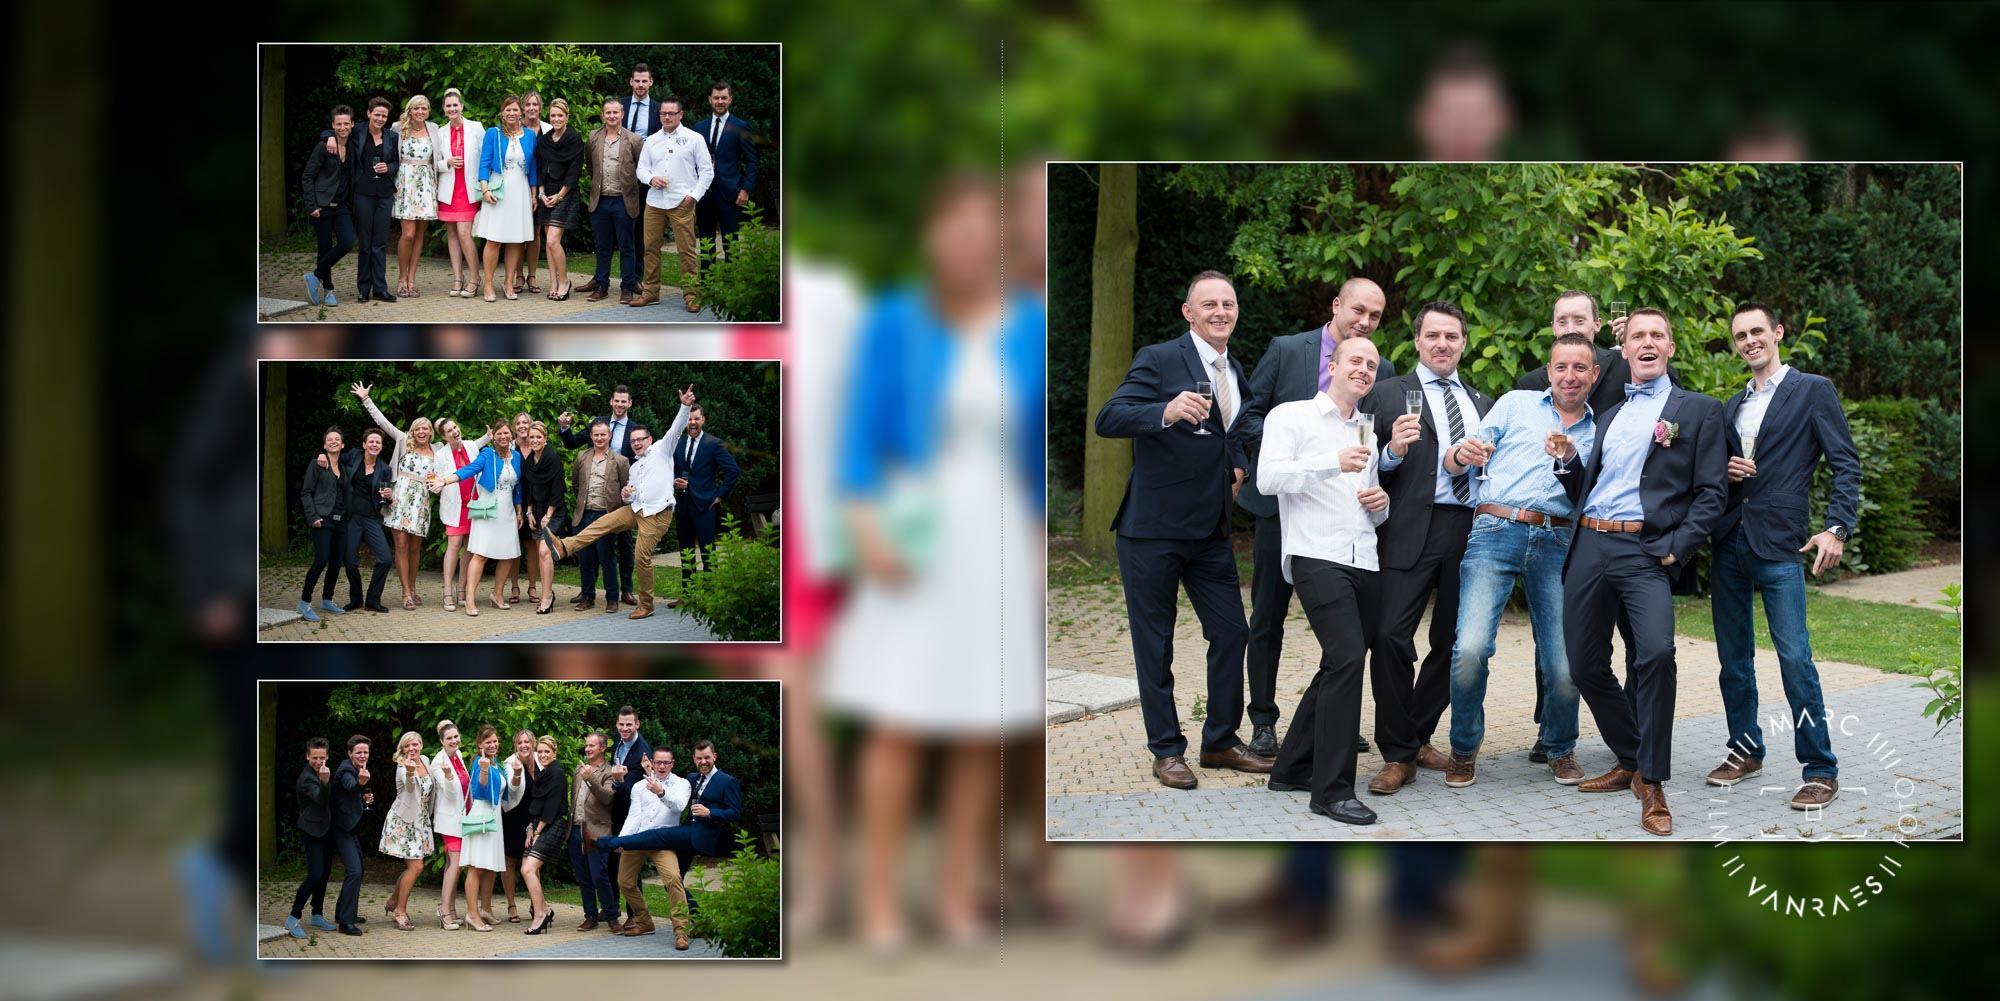 © De trouwfoto's zijn genomen door Fotografie Marc Vanraes-11